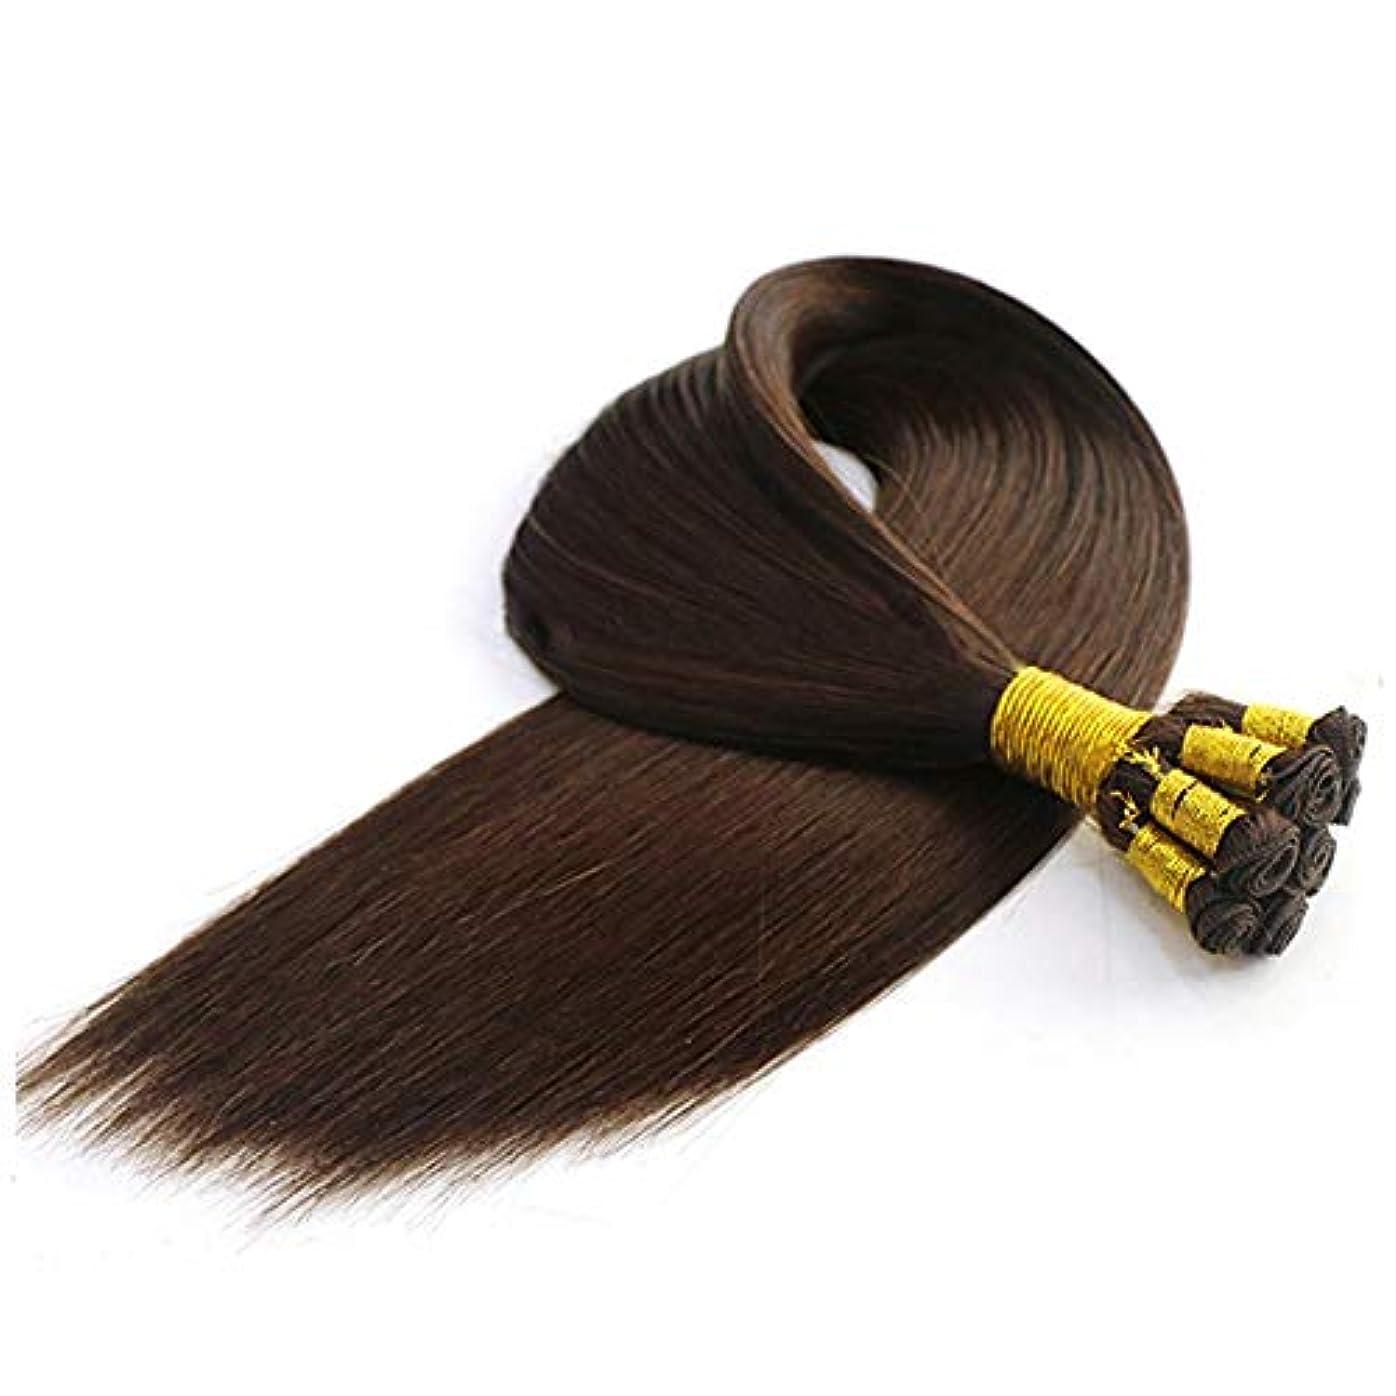 暗記する排他的負WASAIO ヘアエクステンションクリップUnseamed髪型マイクロナノリングSluttishループマイクロビーズ人間の20インチブラウン色 (色 : ブラウン, サイズ : 28 inch)